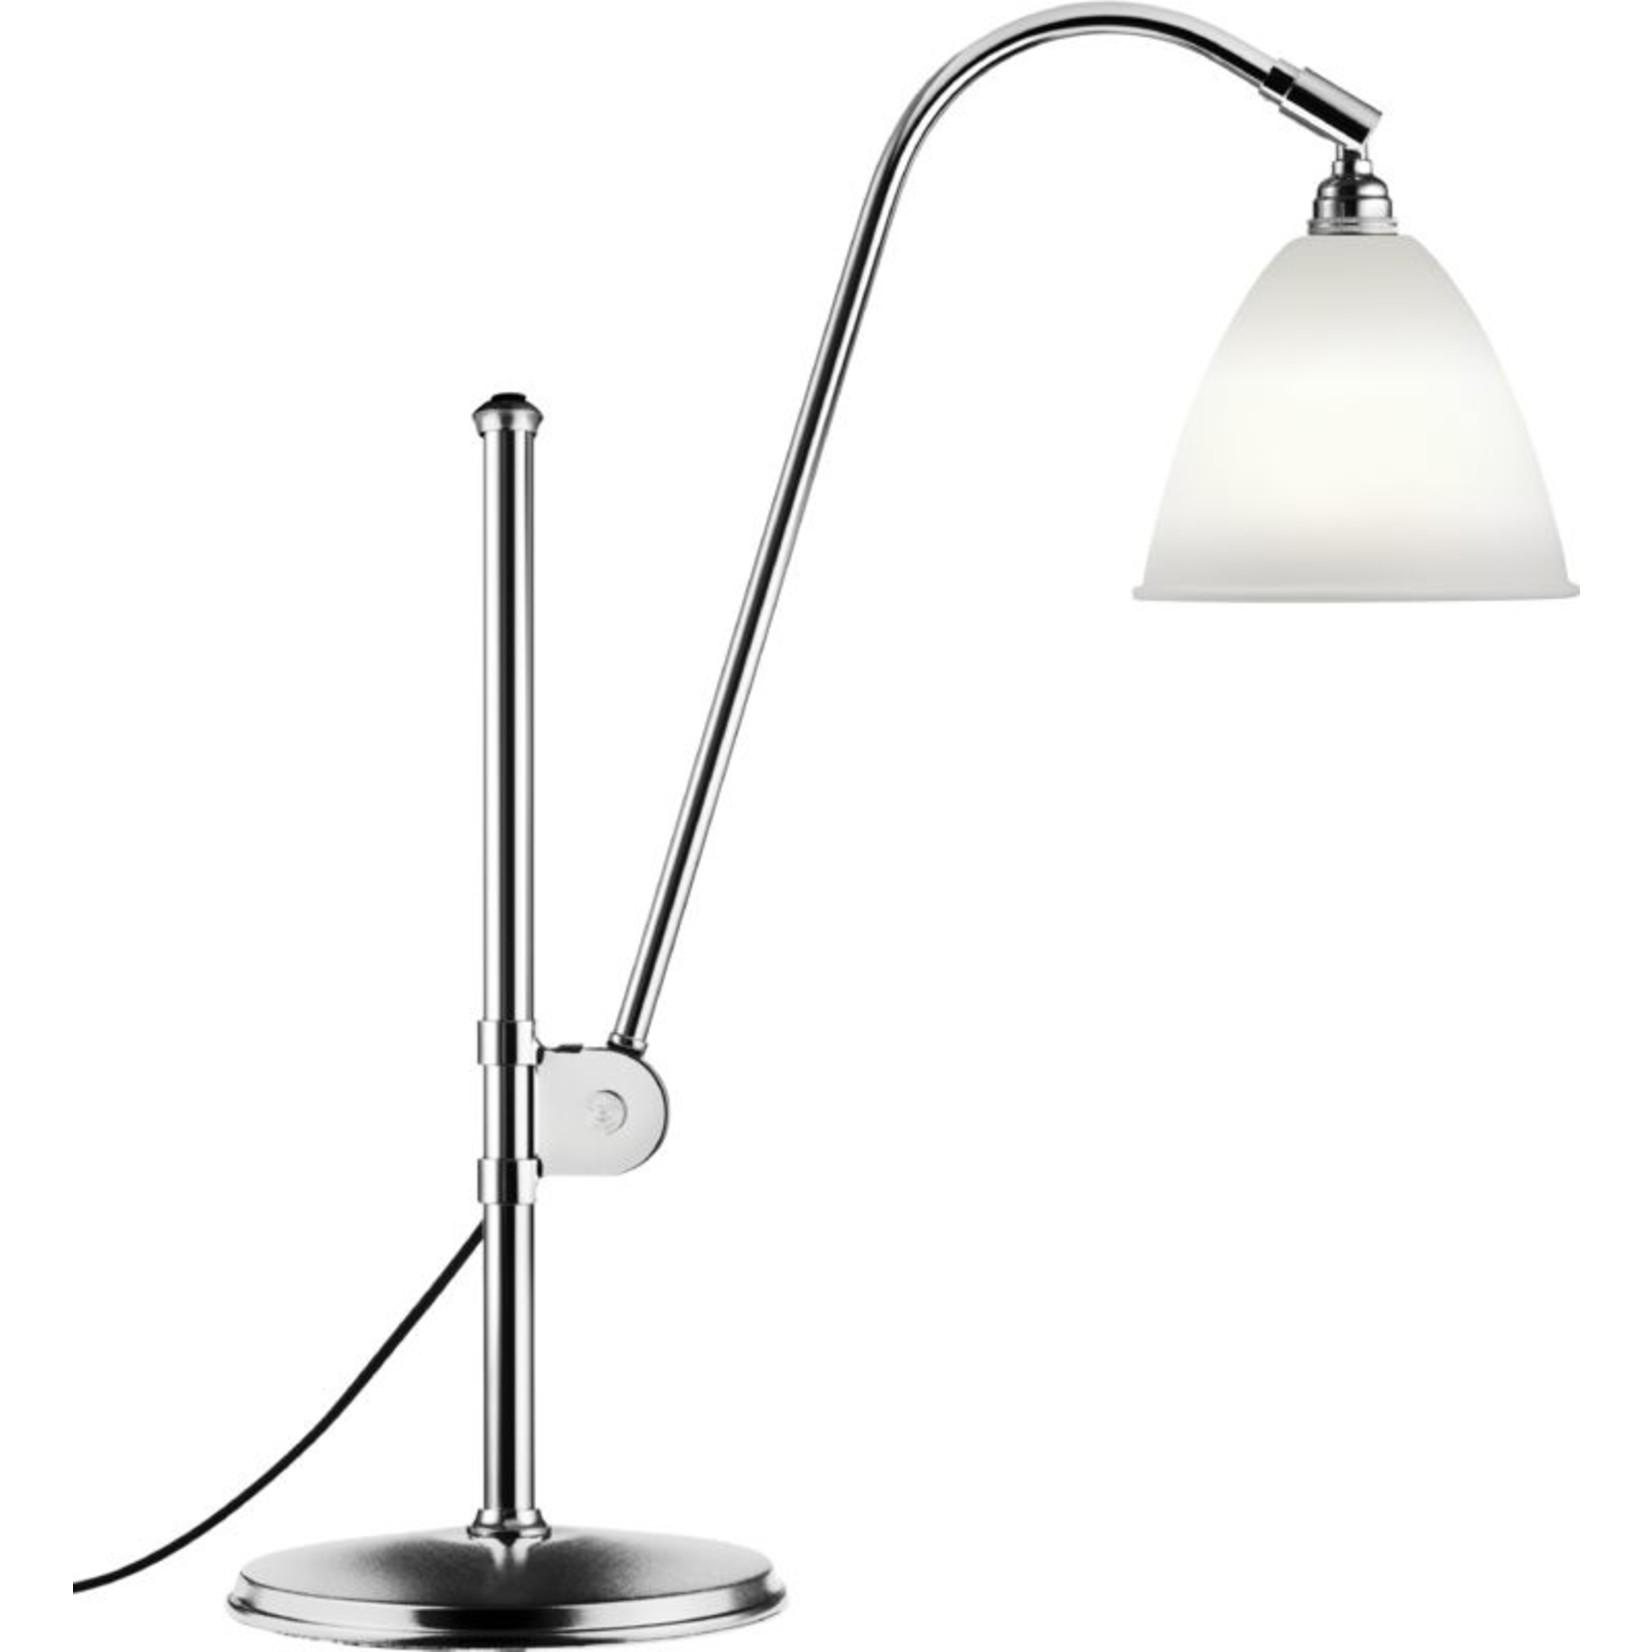 Gubi BL1 Table Lamp - Ø16 | Chrome Base & Bone China Shade